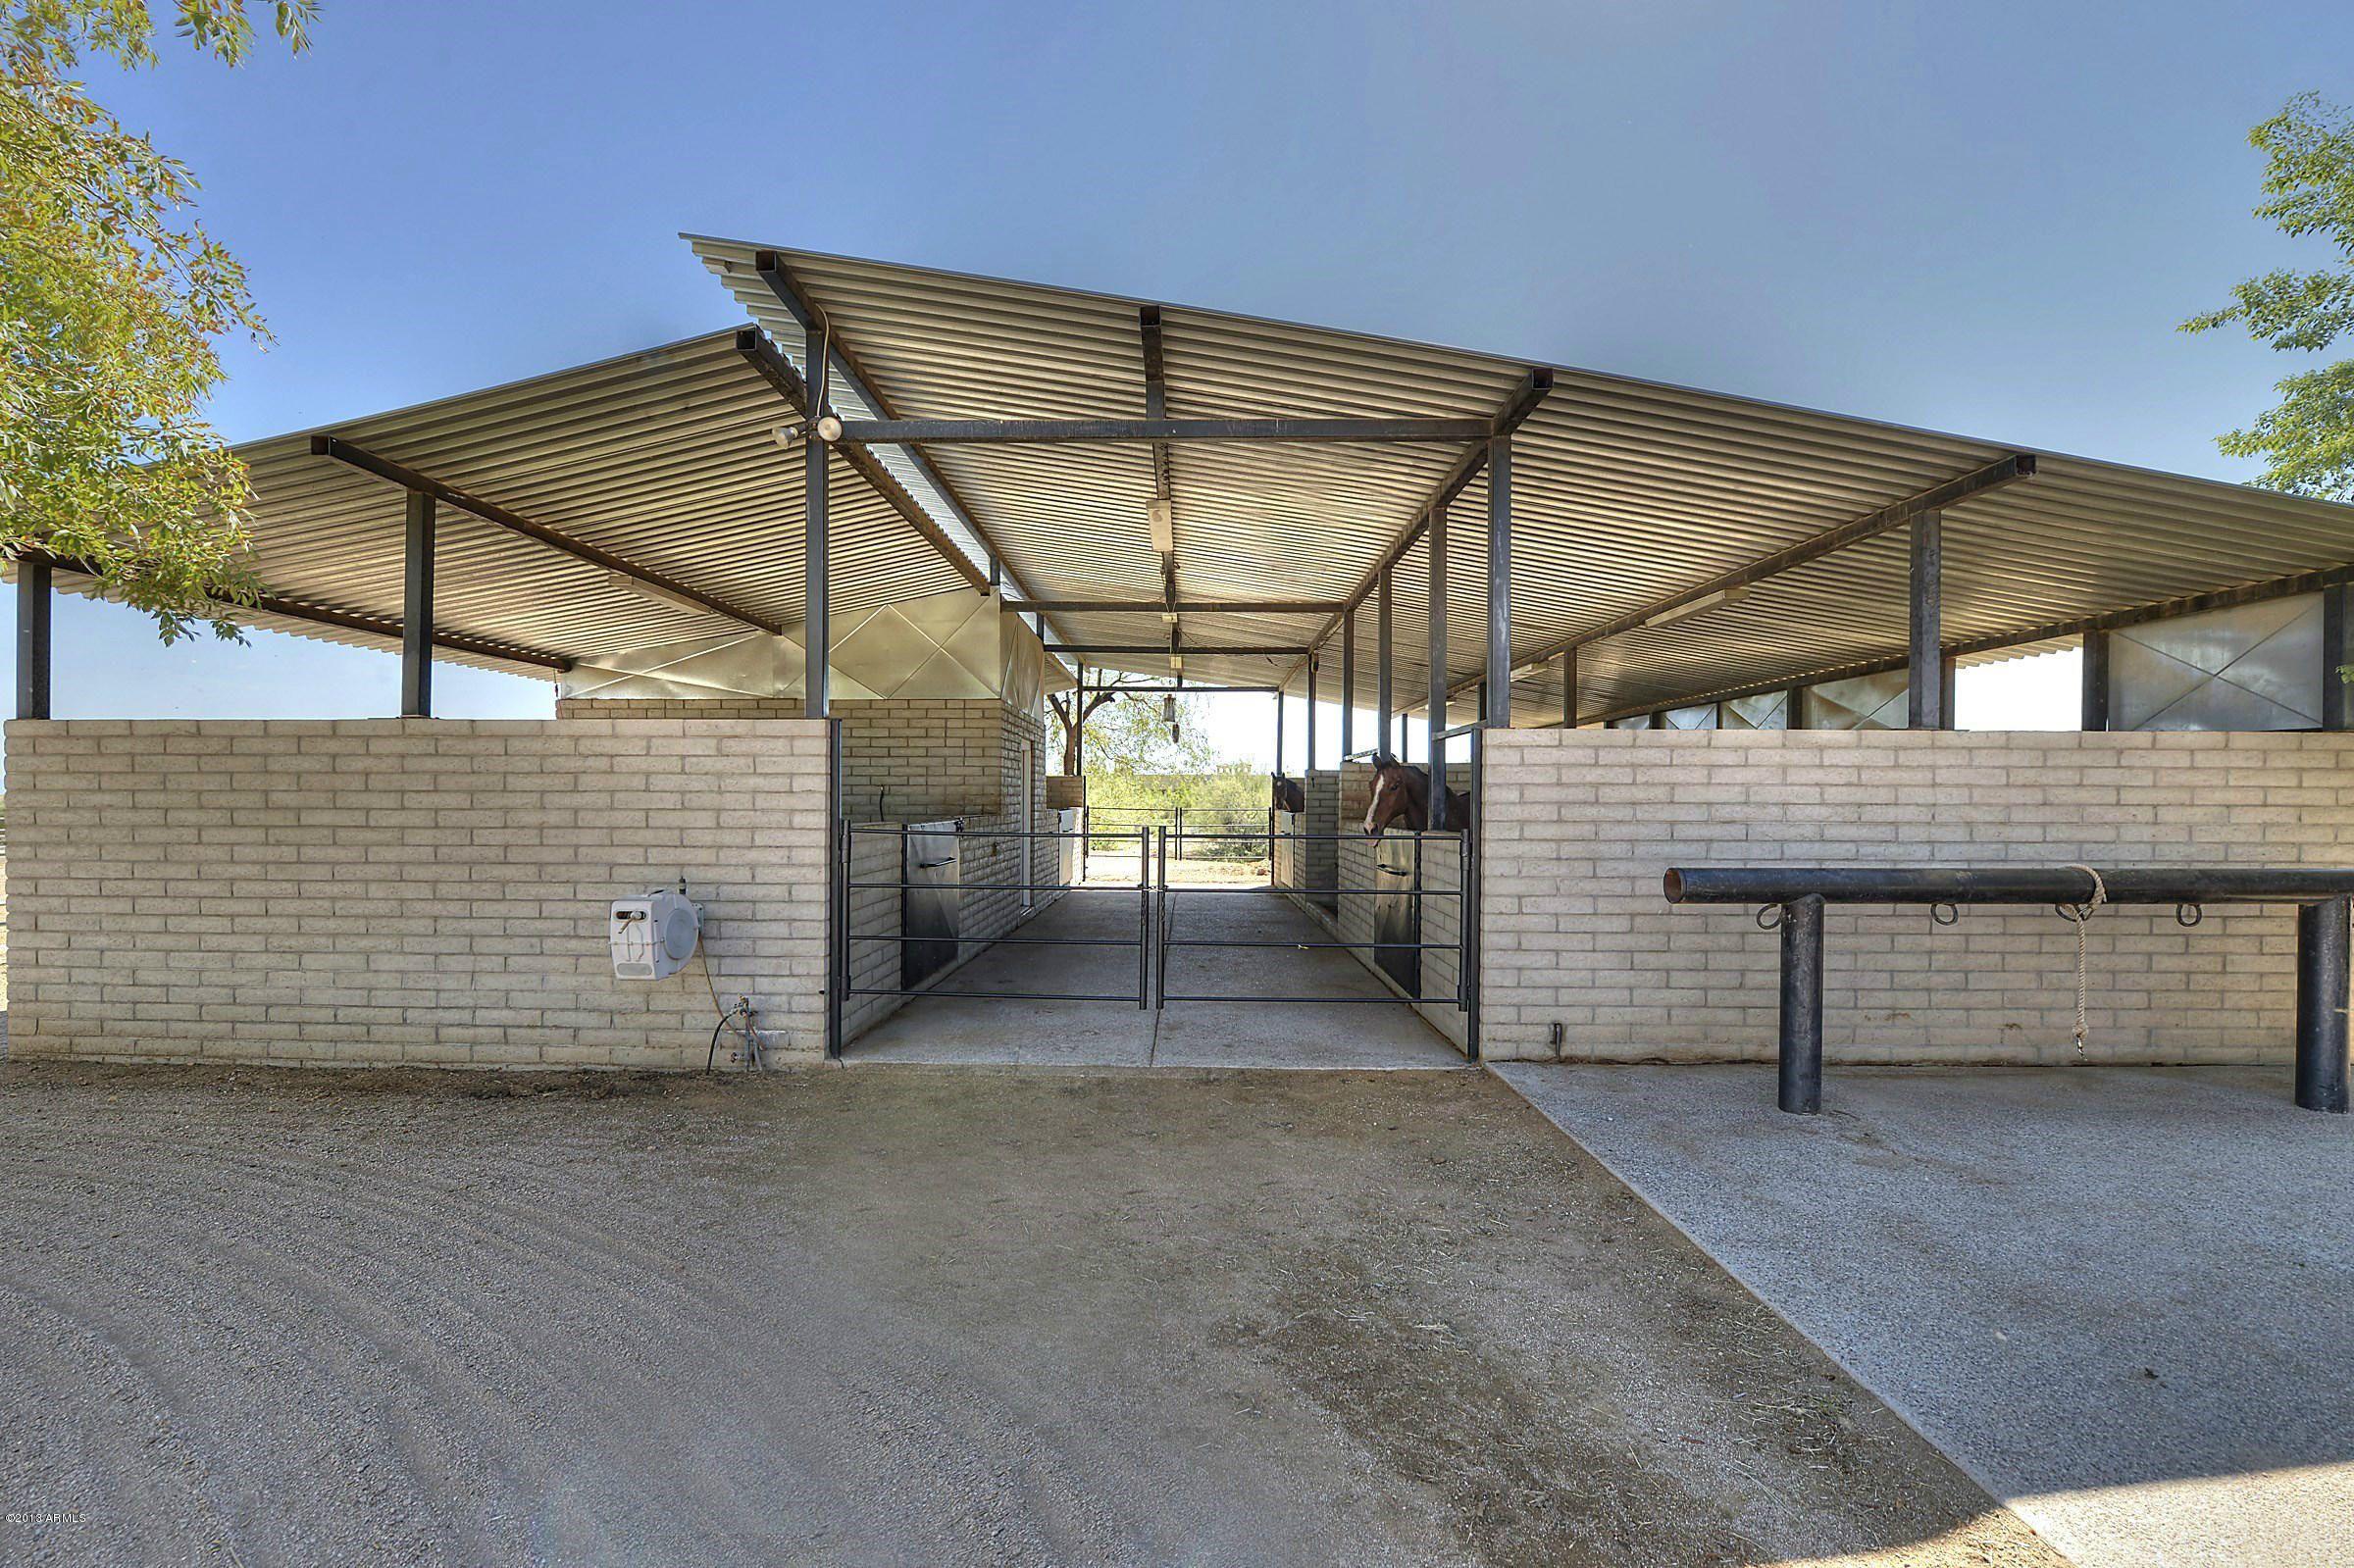 Cinder block barn barn exterior pinterest cinder for Cinder block garage plans